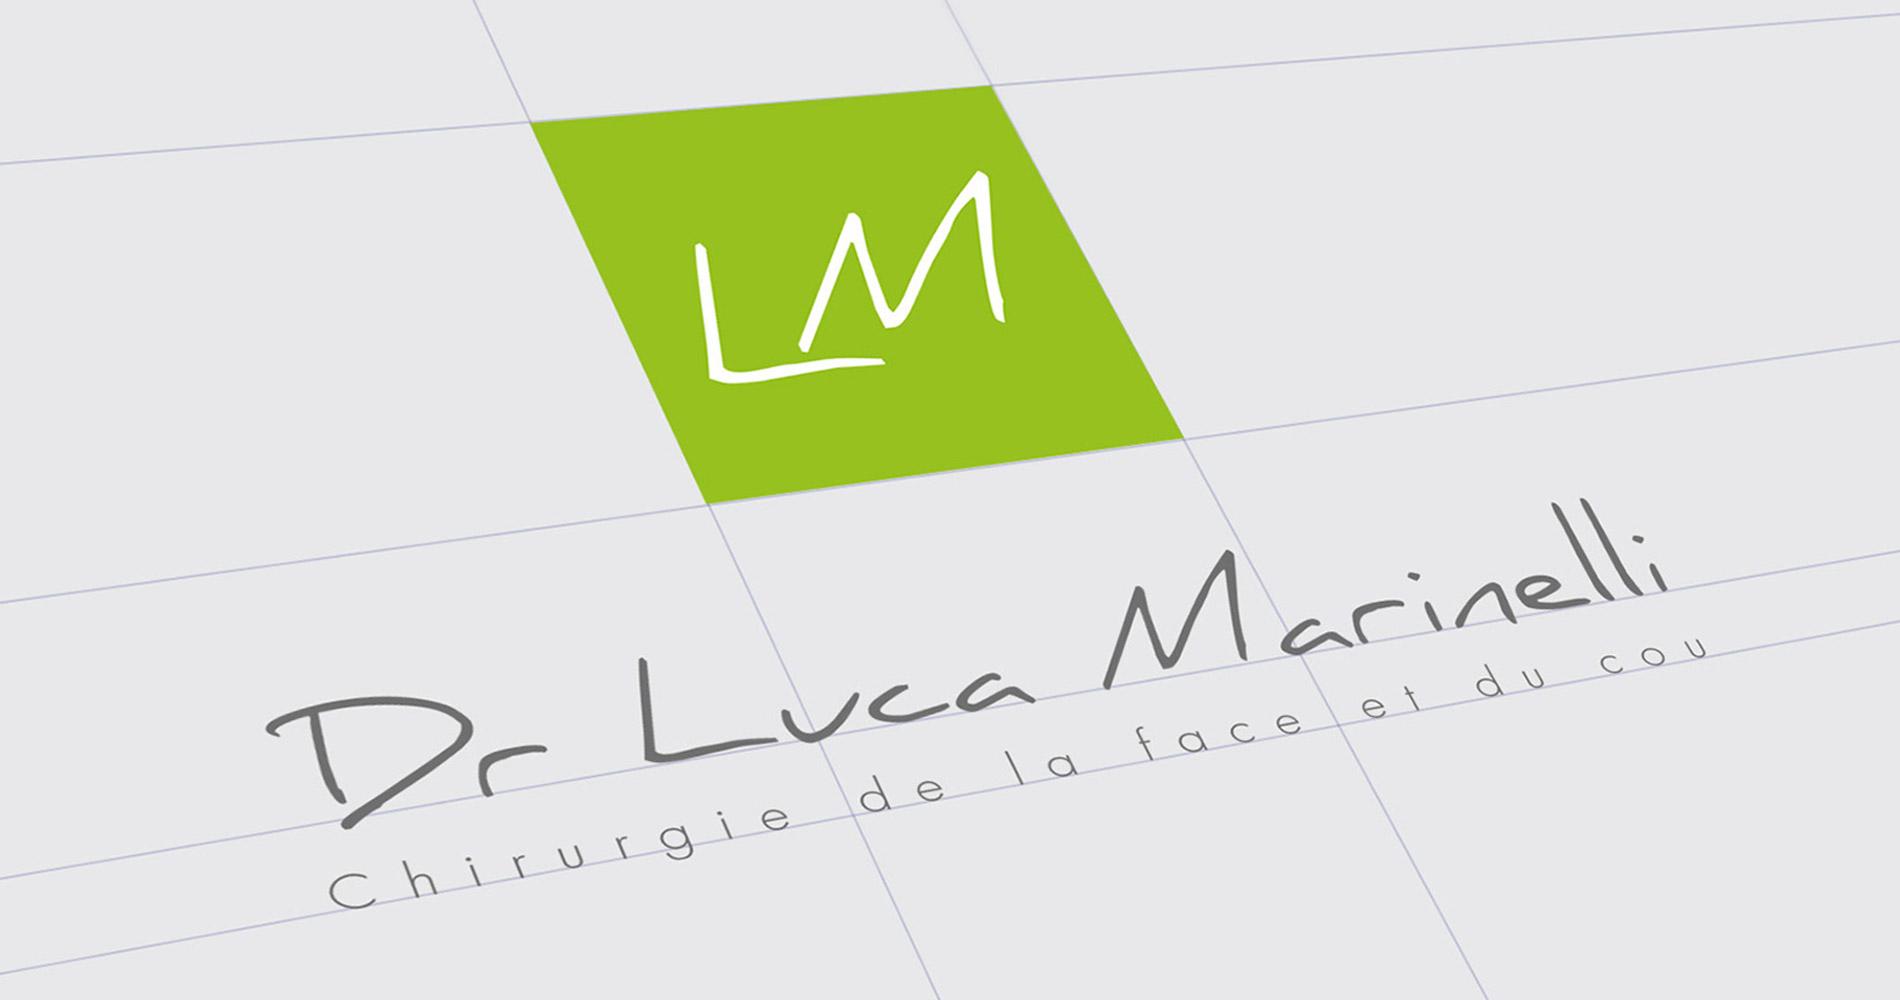 création logo docteur marinelli nice